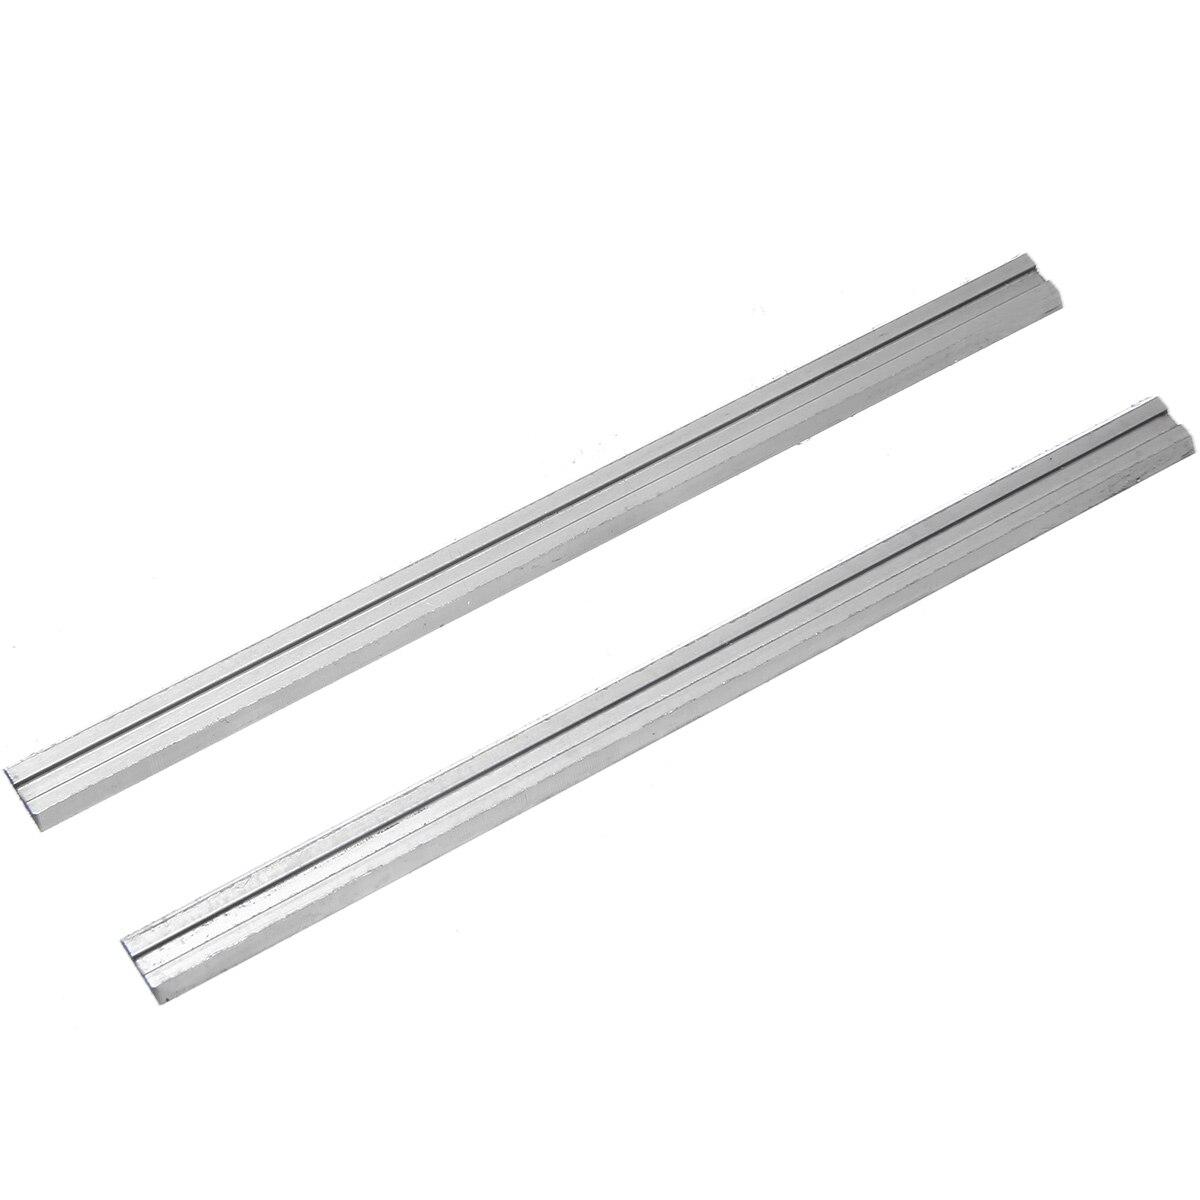 מכונות כביסה ומייבשים 4pcs קרביד 82 * 5.5 * 1.1mm 82mm פלנר סכין עבור Bosch PHO 25-82 / PHO 200 / PHO 16-82 / B34 HM פלנר חם בליידס מכירה (5)